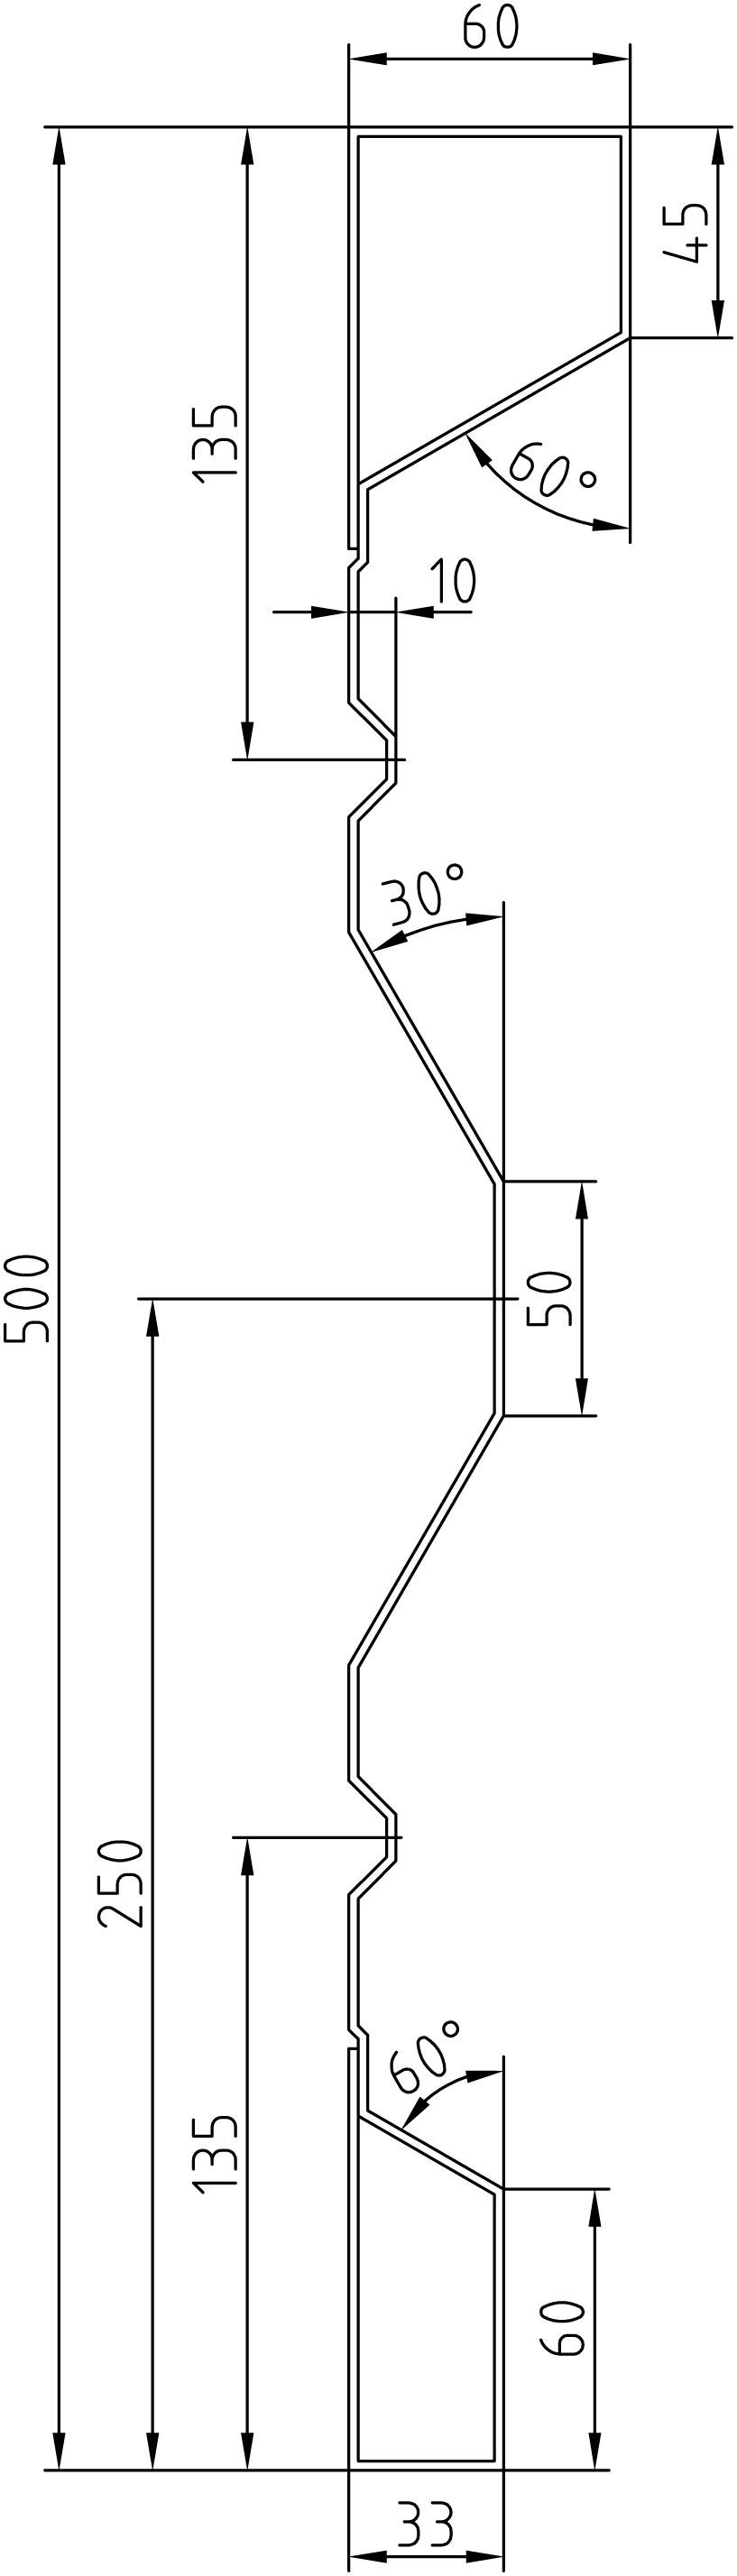 Brantner Kipper und Anhänger - 500x2x5000 sideboards w flat iron trailing edges